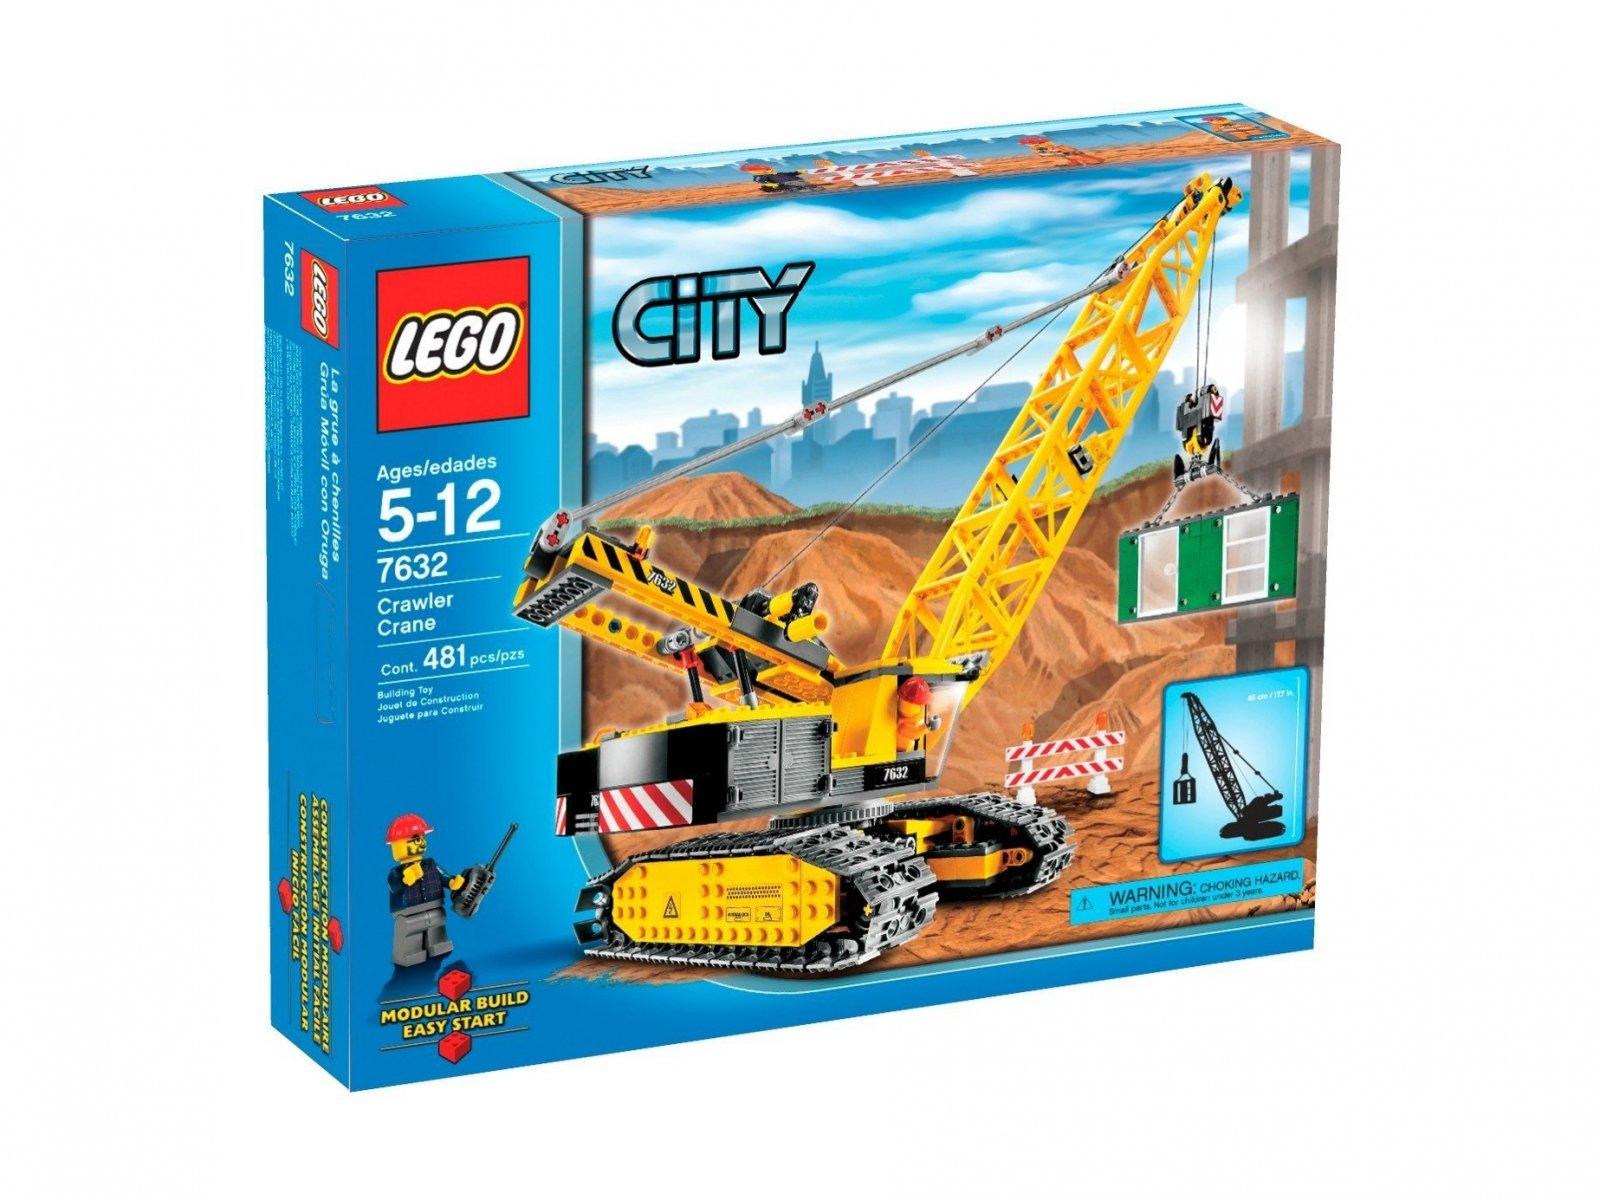 LEGO City Żuraw 7632